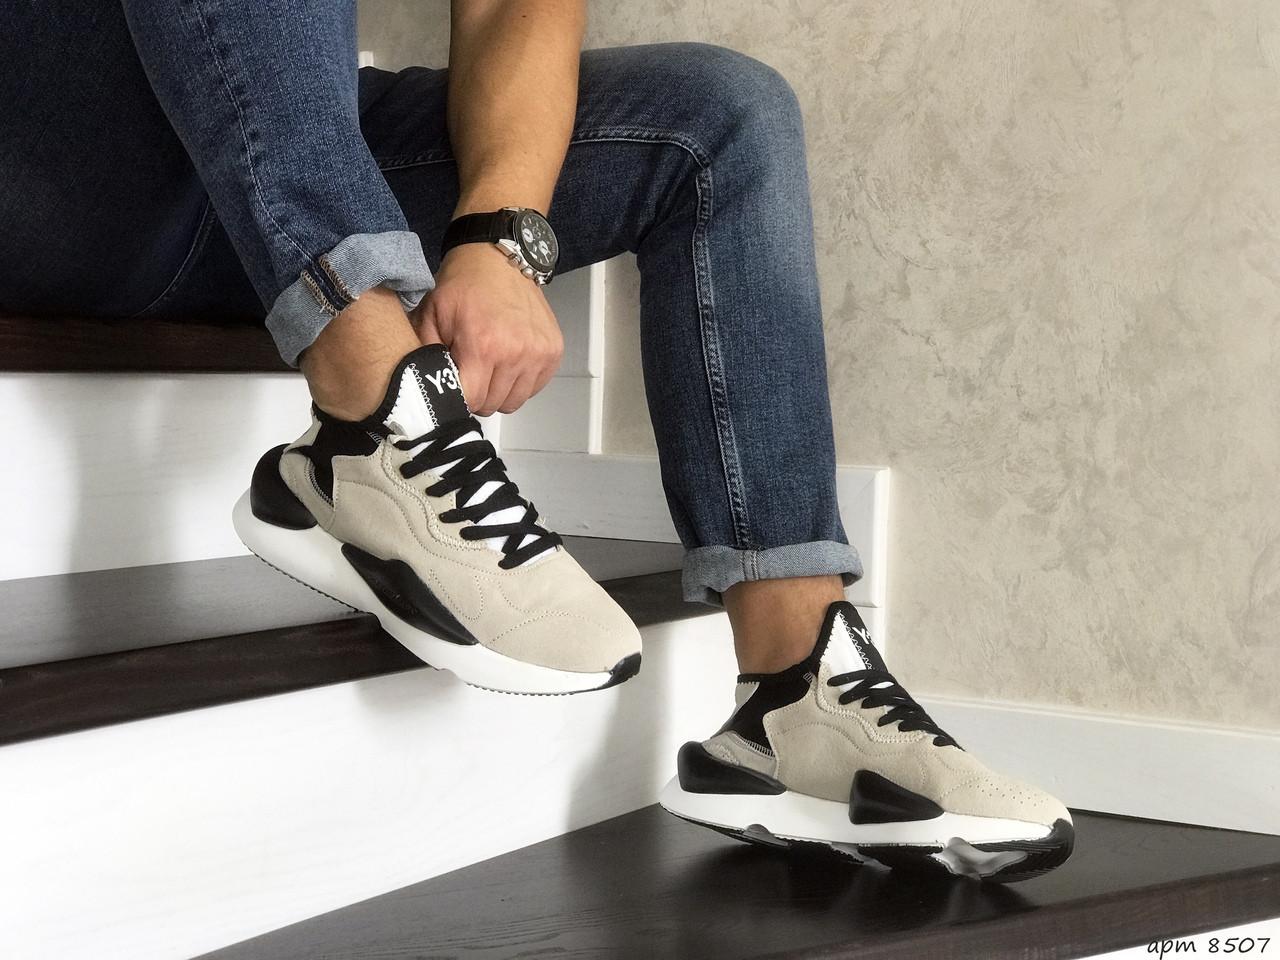 Чоловічі кросівки Adidas Y-3 Kaiwa (бежеві)